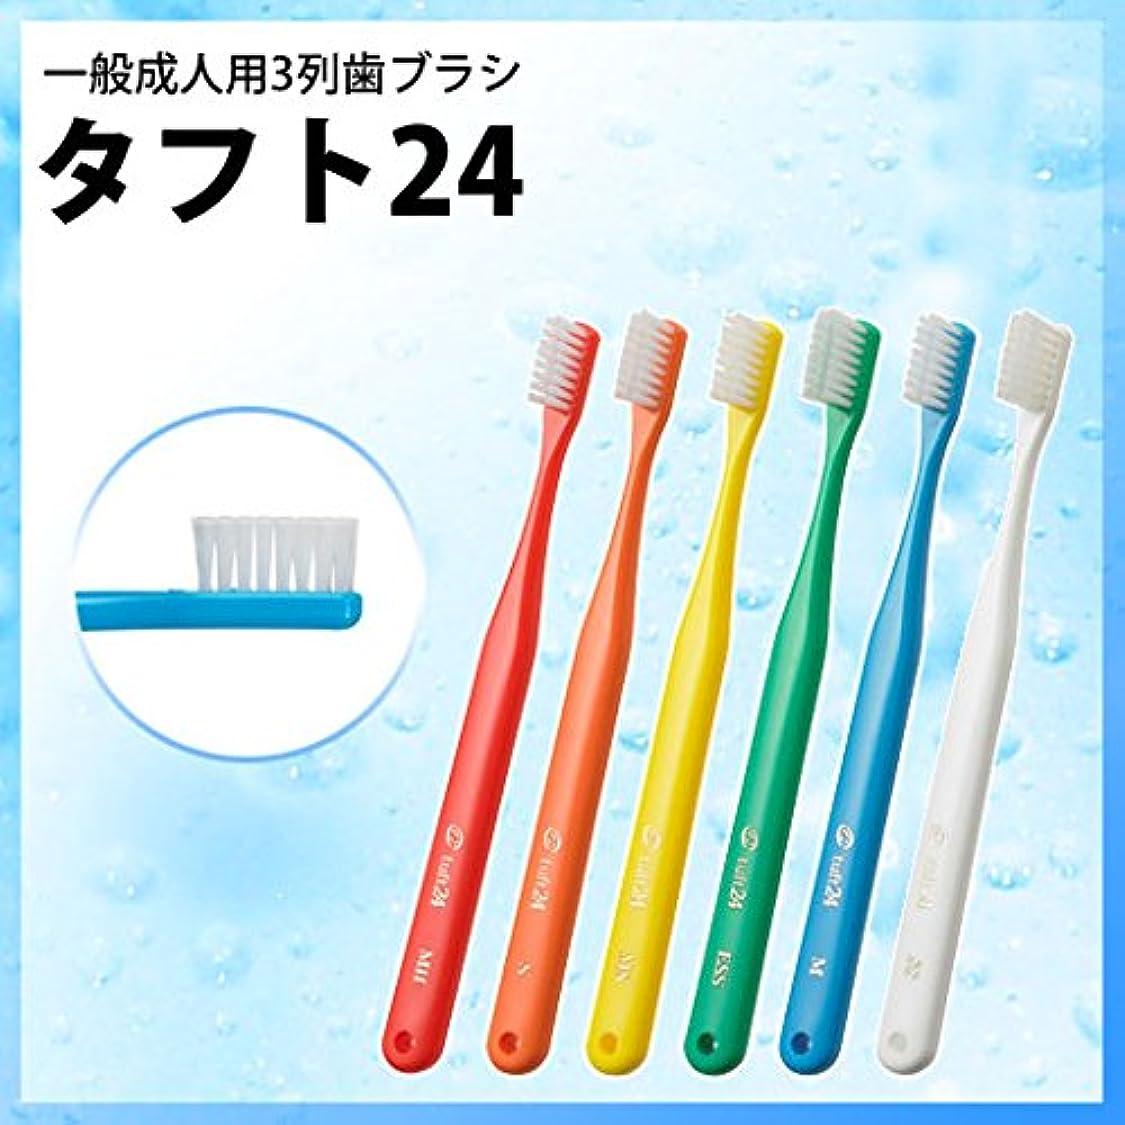 アプトフェザーリーチタフト24 歯ブラシ 5本セット SS キャップなし (グリーン)